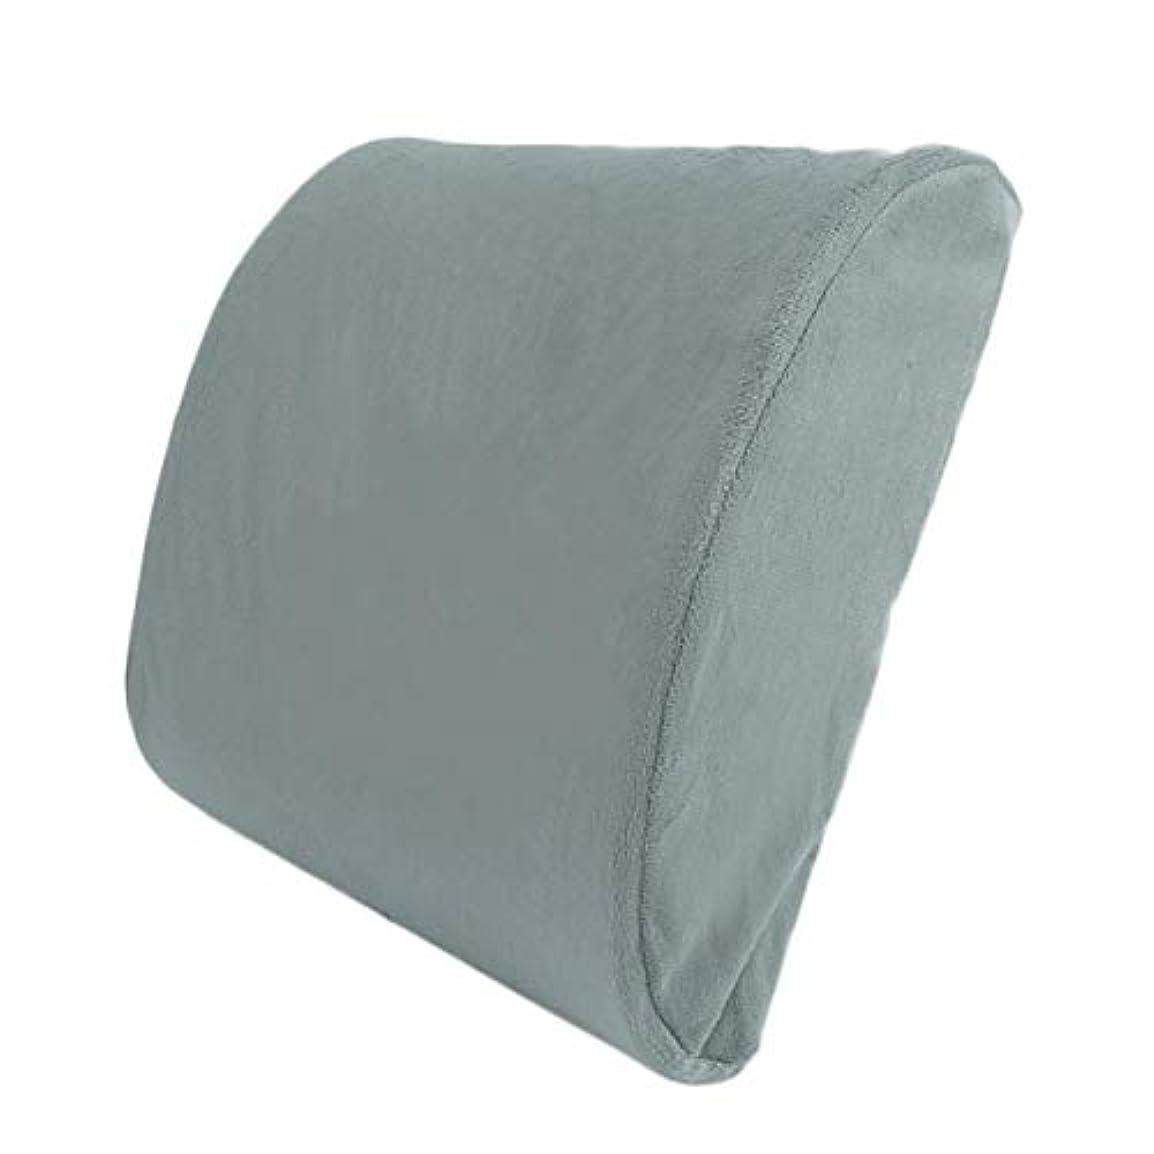 操作刺します追放するSaikogoods ソフトスローリバウンドメモリ通気ヘルスケア腰椎クッションバックウエストのサポート枕シート枕ホームオフィス グレー